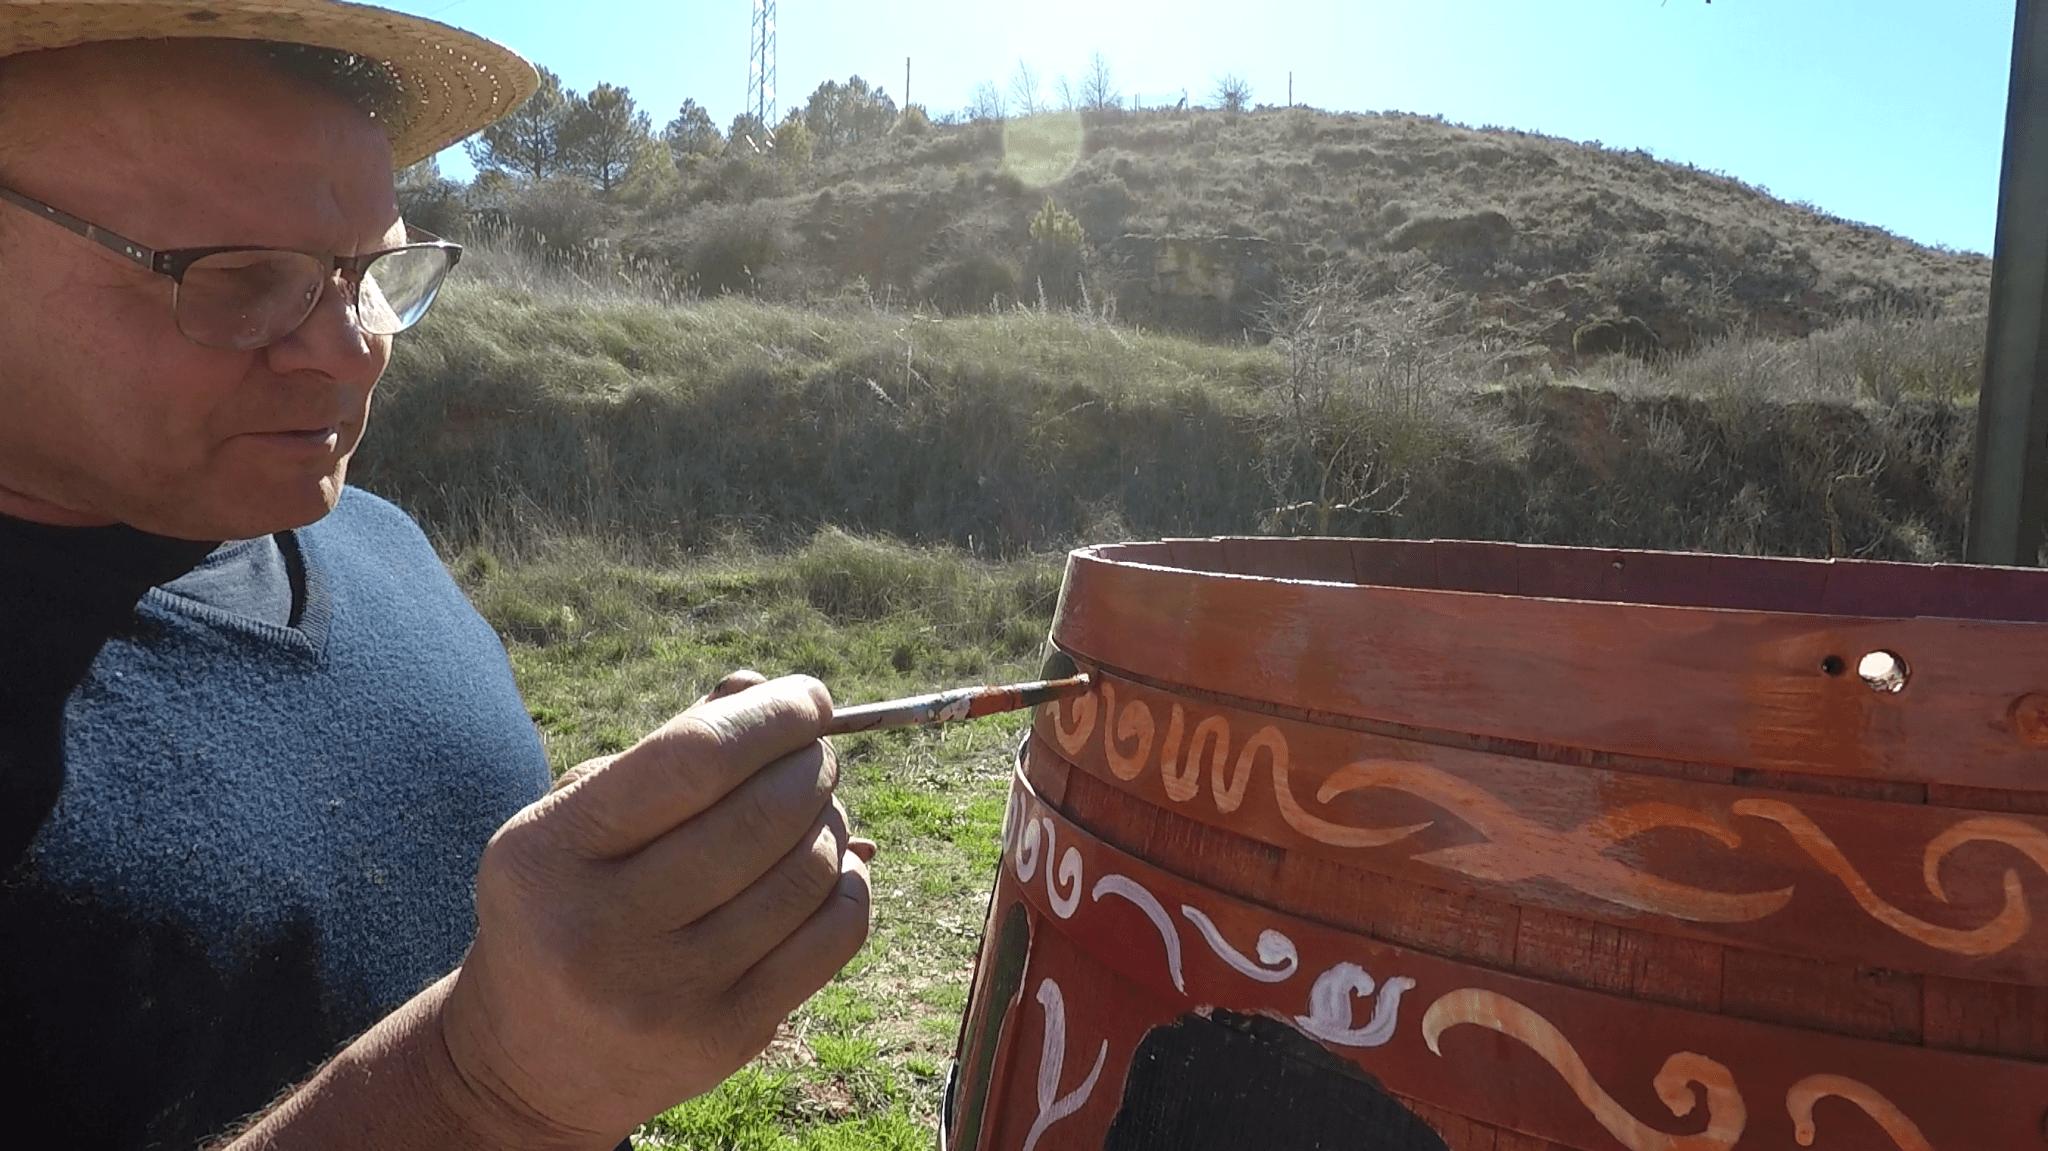 vlcsnap 00251 | Informaciones de Cuenca